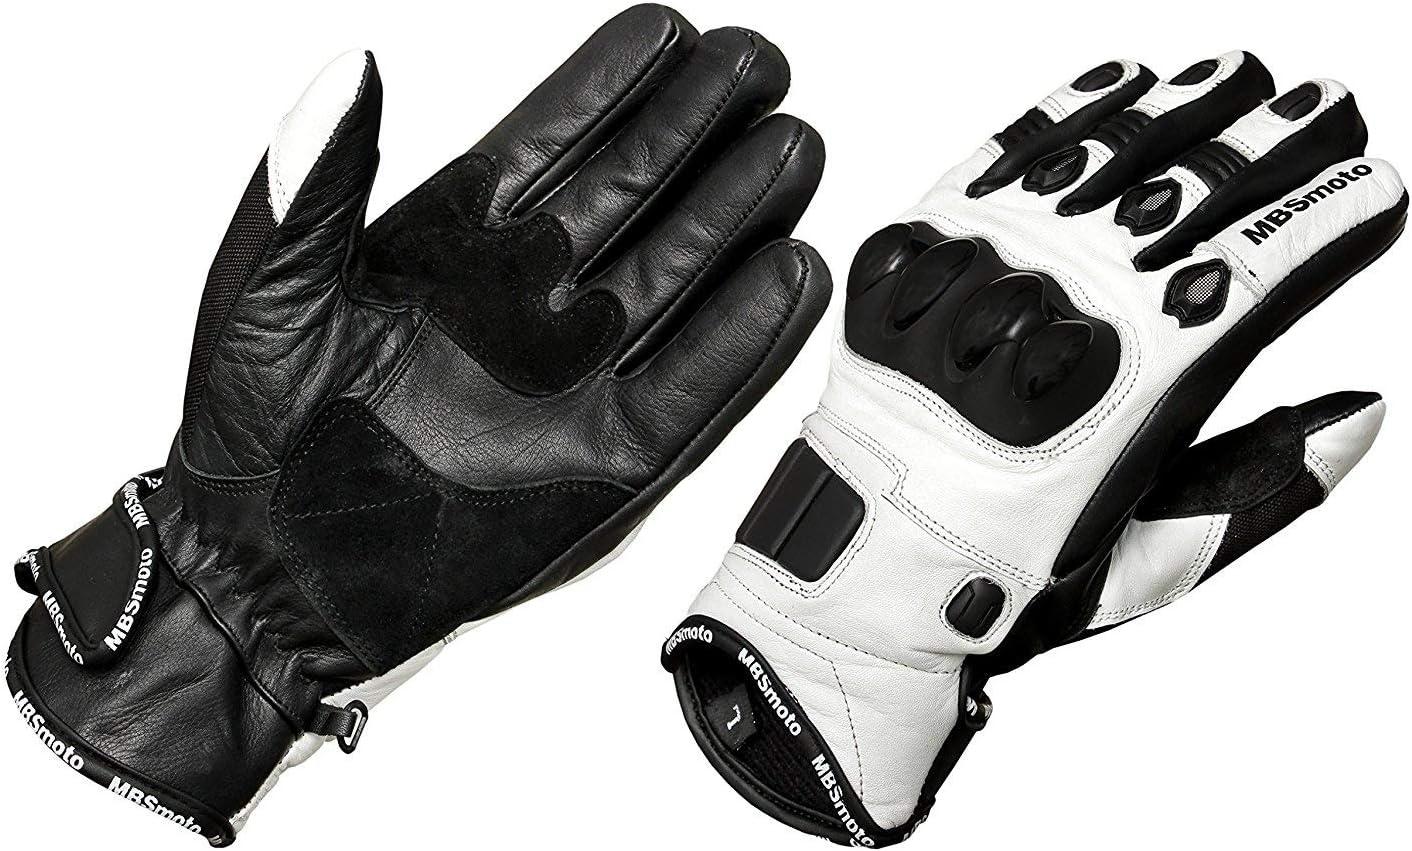 Mbsmoto bici sport Cruiser di guanti in pelle